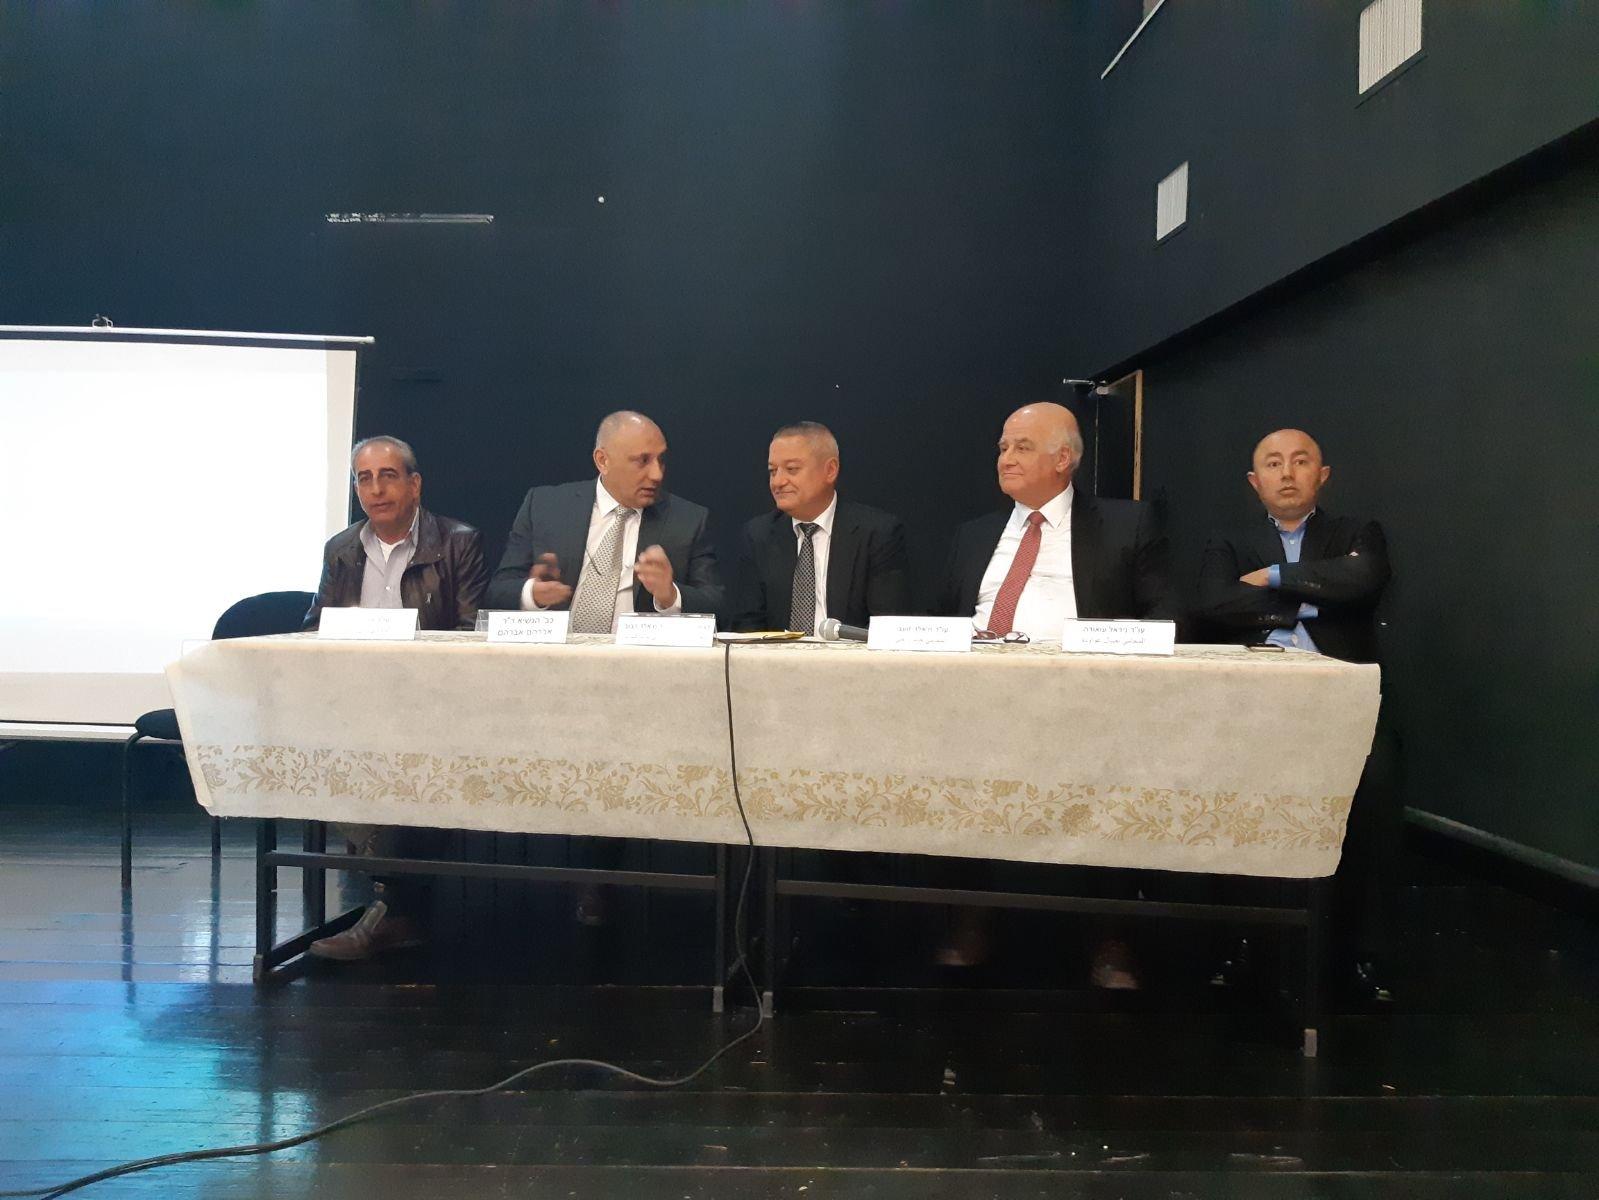 ضمن مشروع النقابة تصل إلى الضواحي، لقاء لنقابة المحامين في إكسال